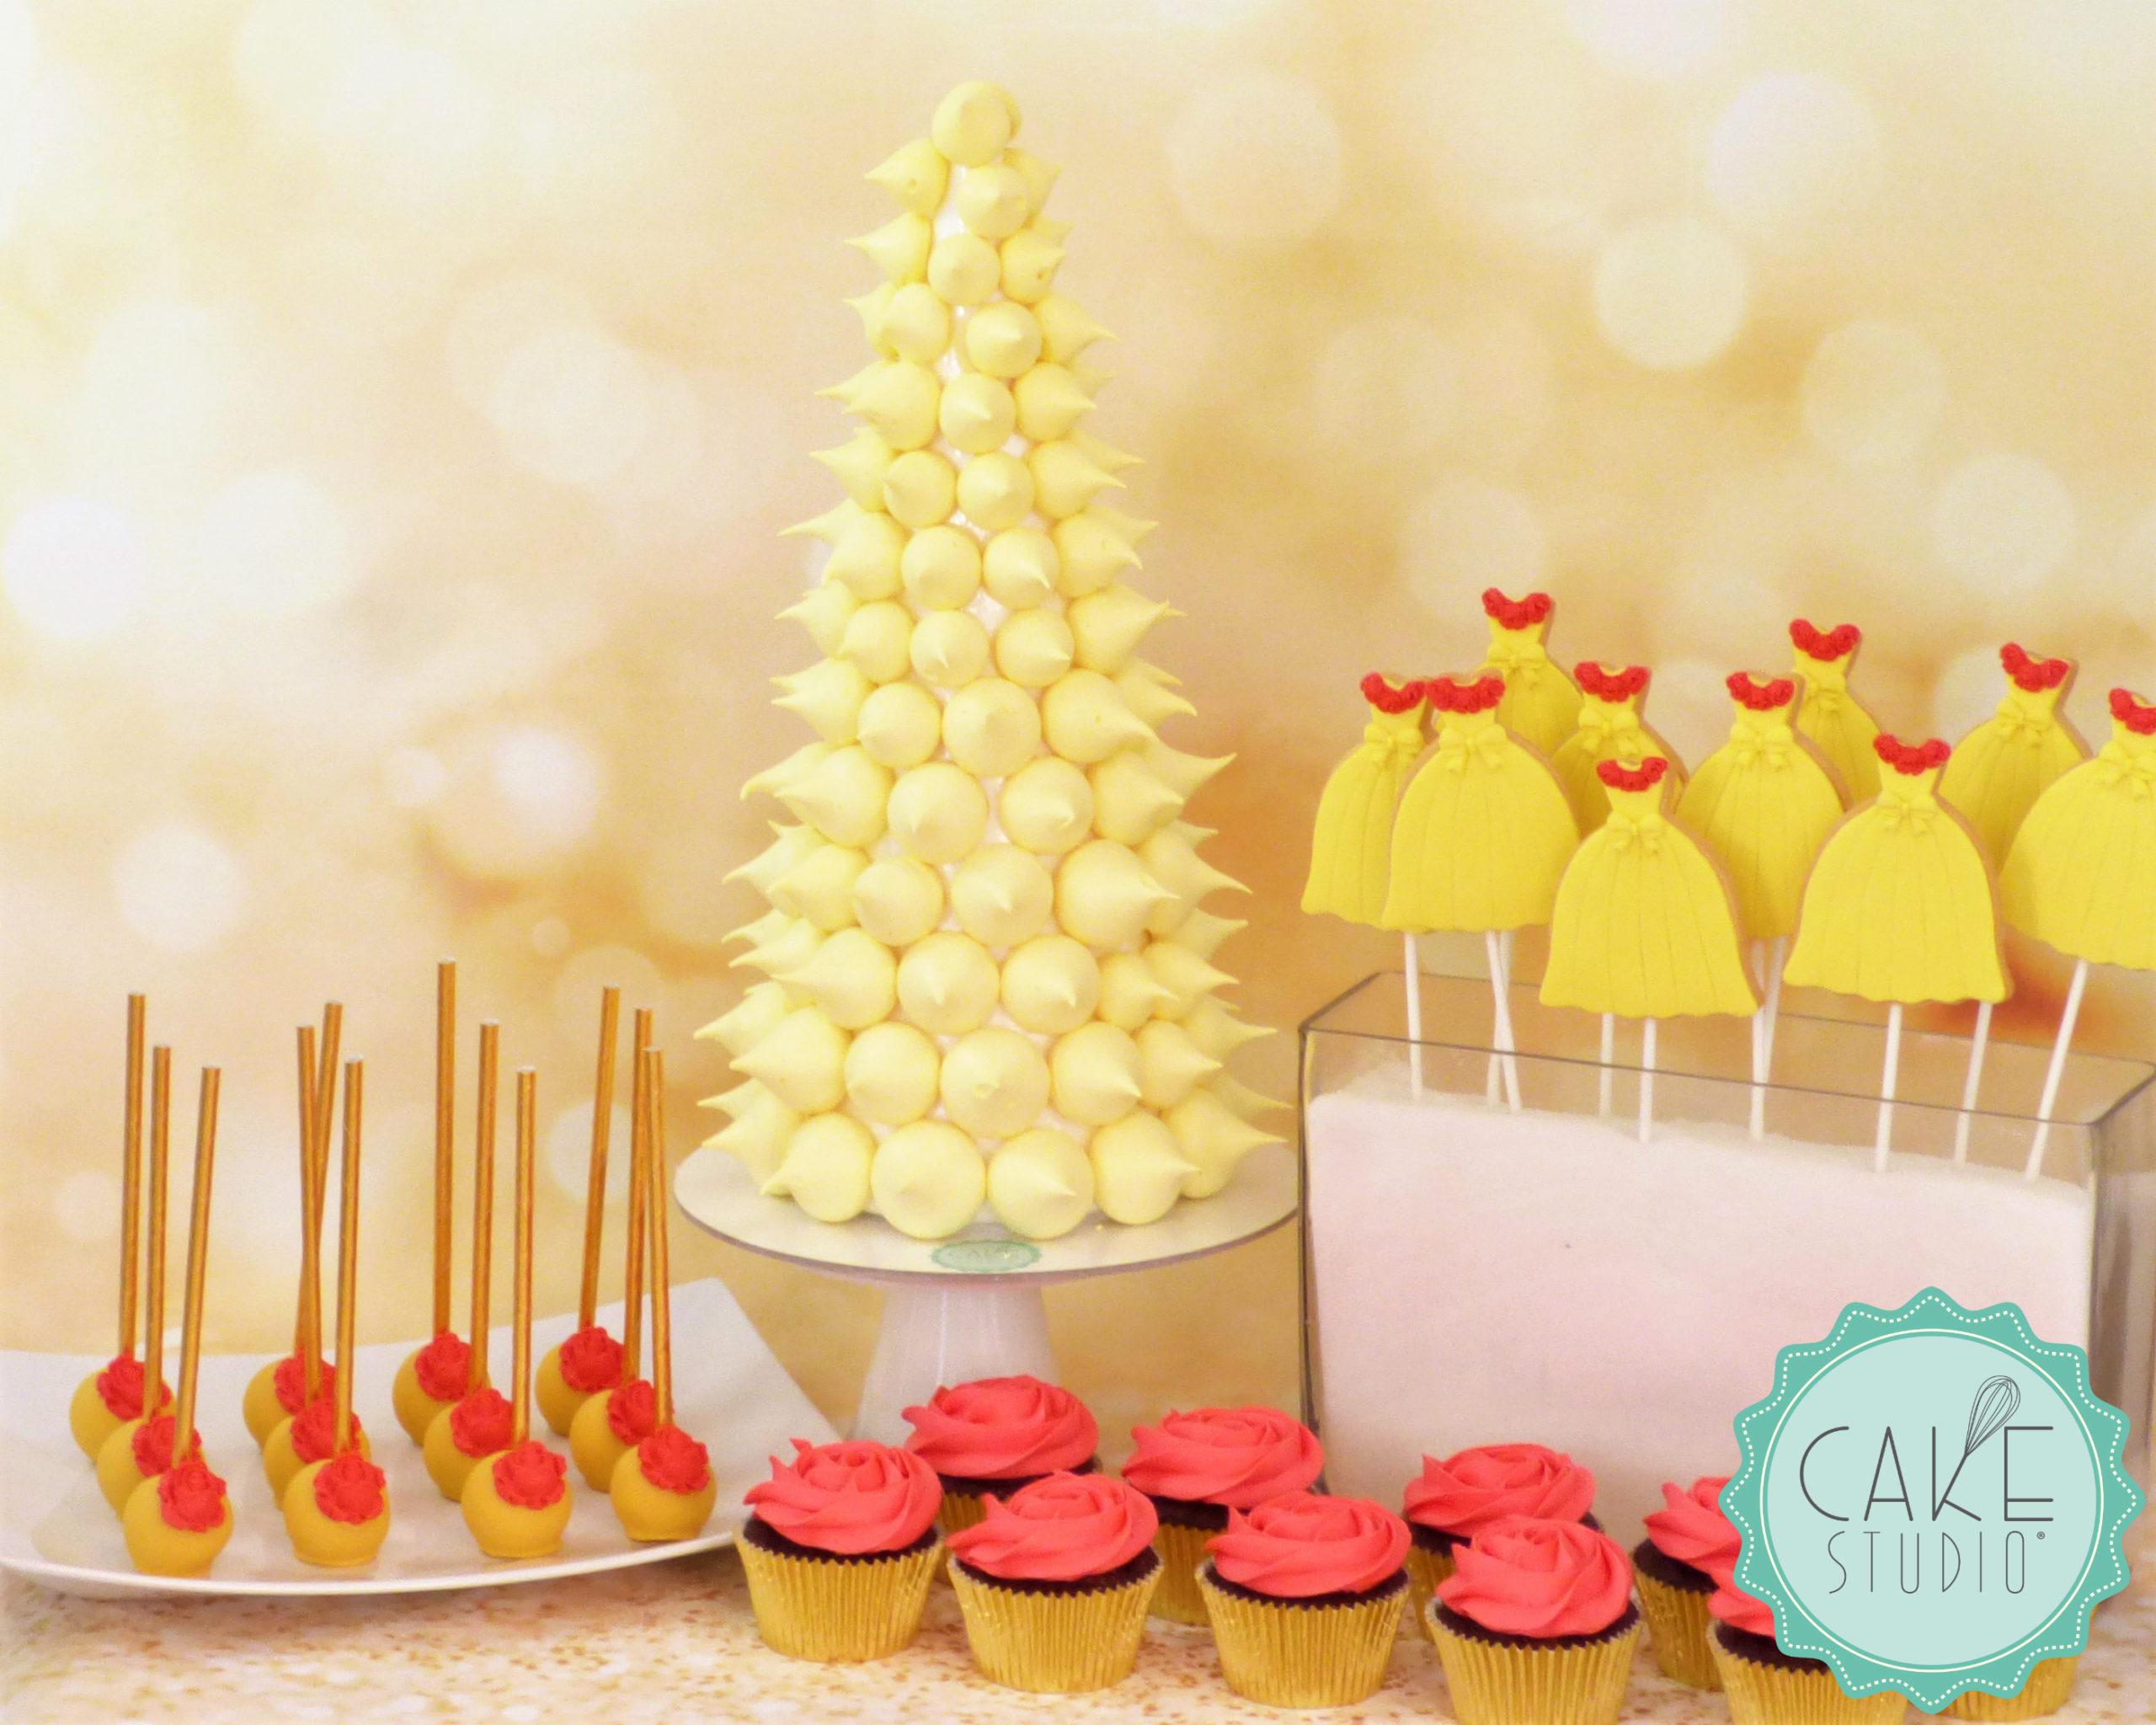 cake pop e cupcake con rosa rossa, cono di meringhe gialle e biscotti abito giallo con rose rosse